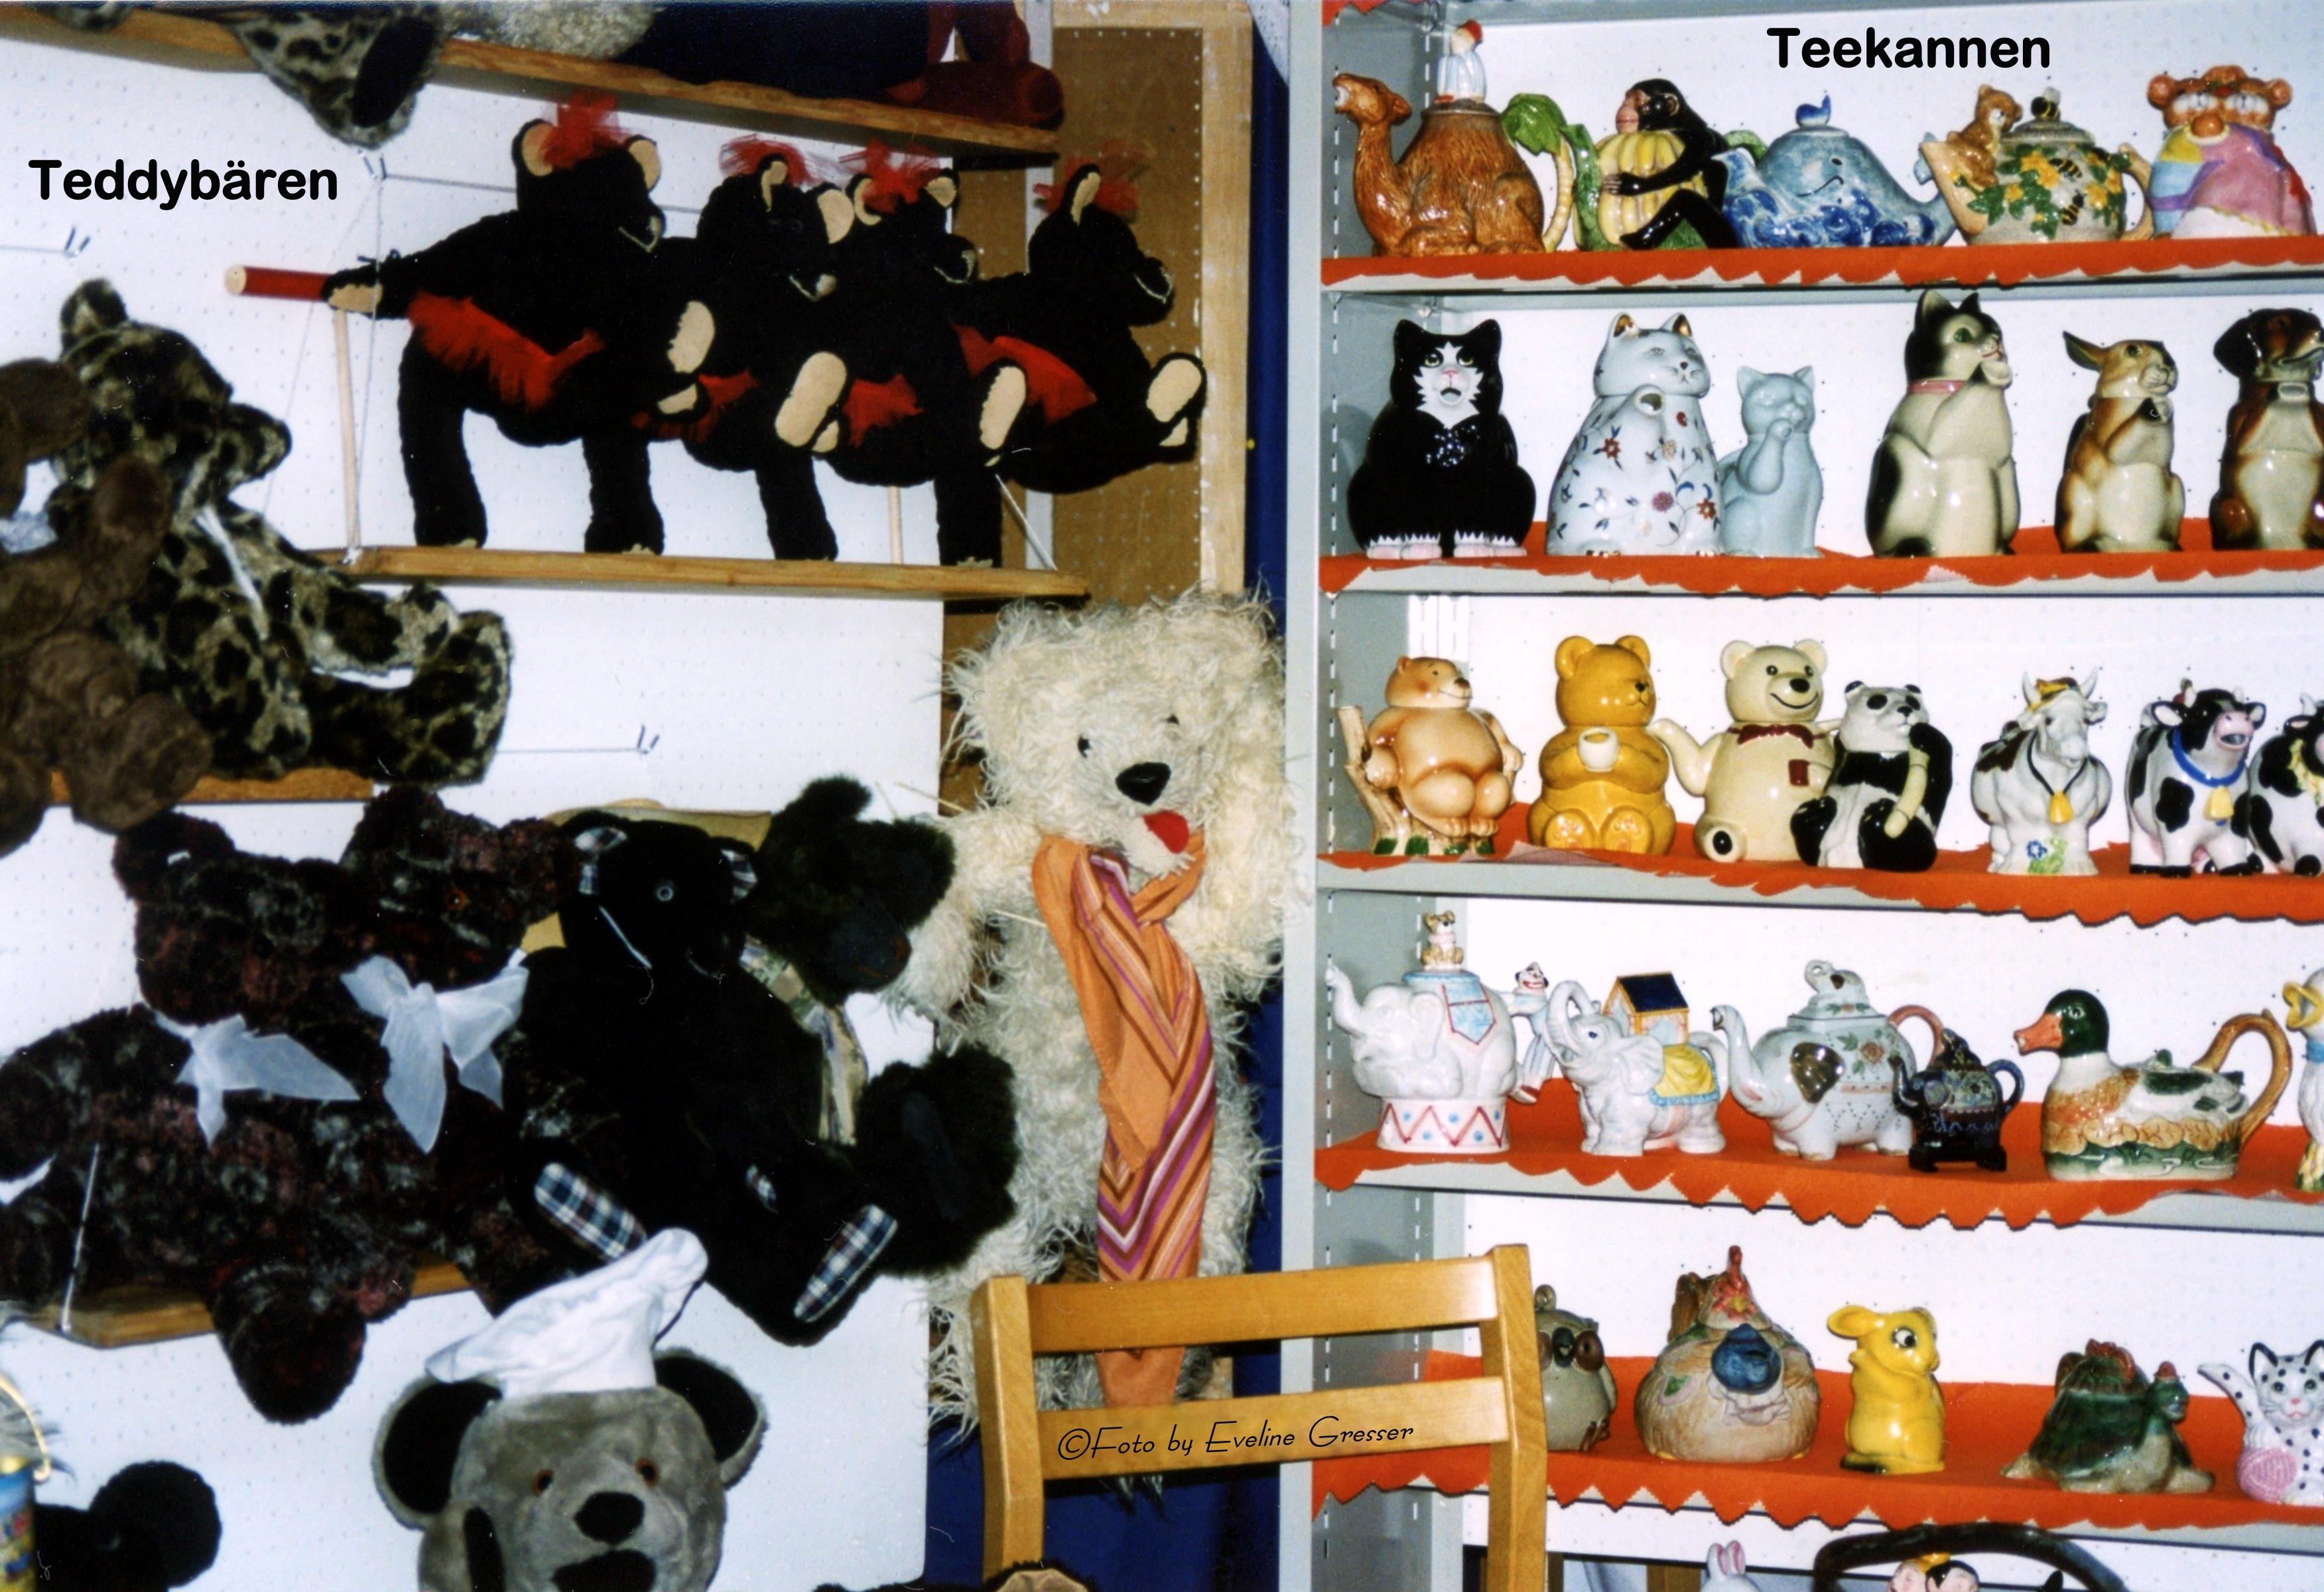 22StandTeddybären-StandTeekannen